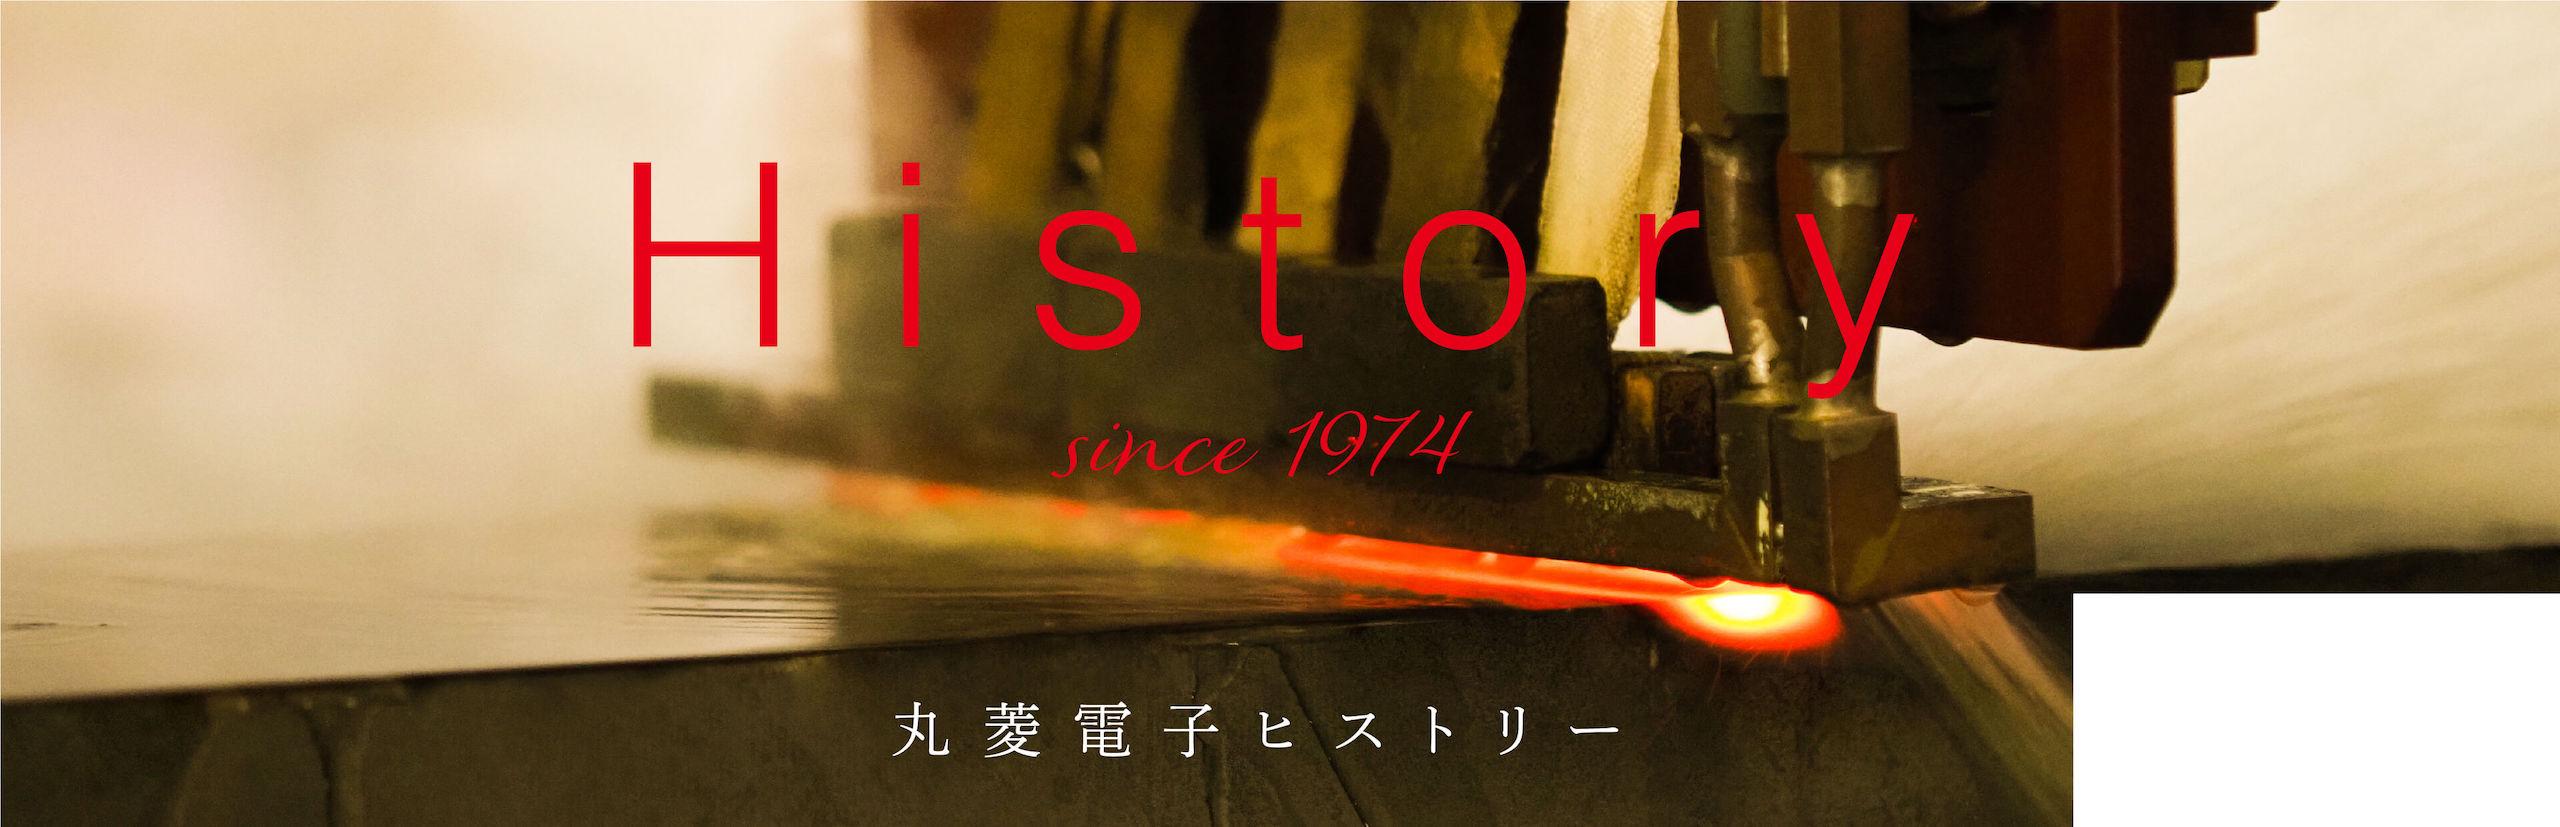 丸菱電子ヒストリー